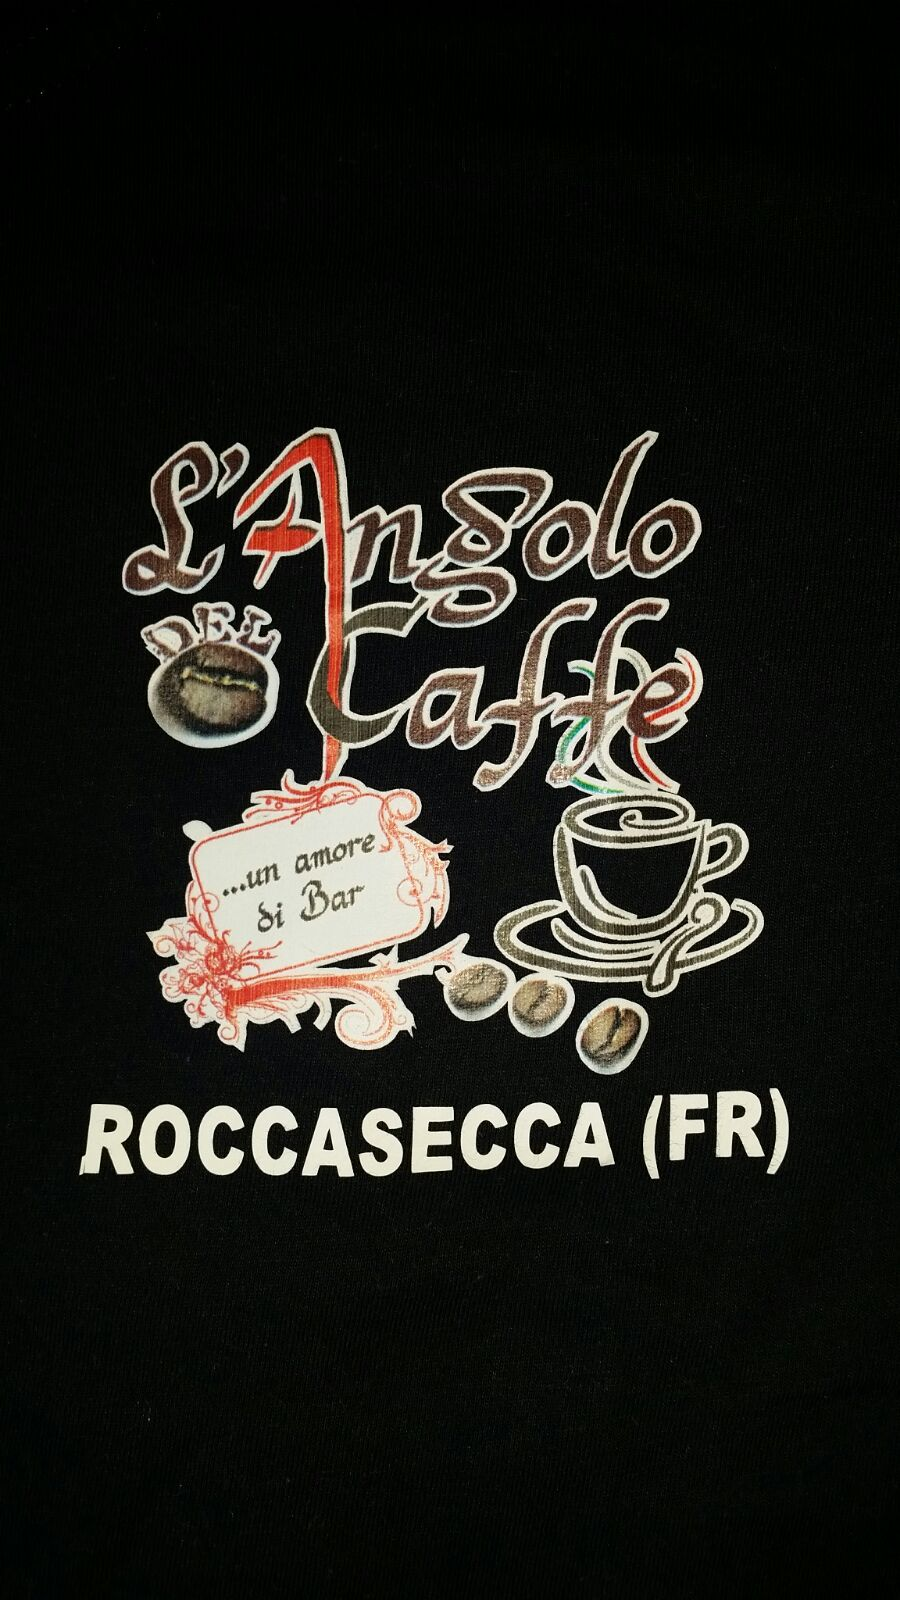 langolo del caffe